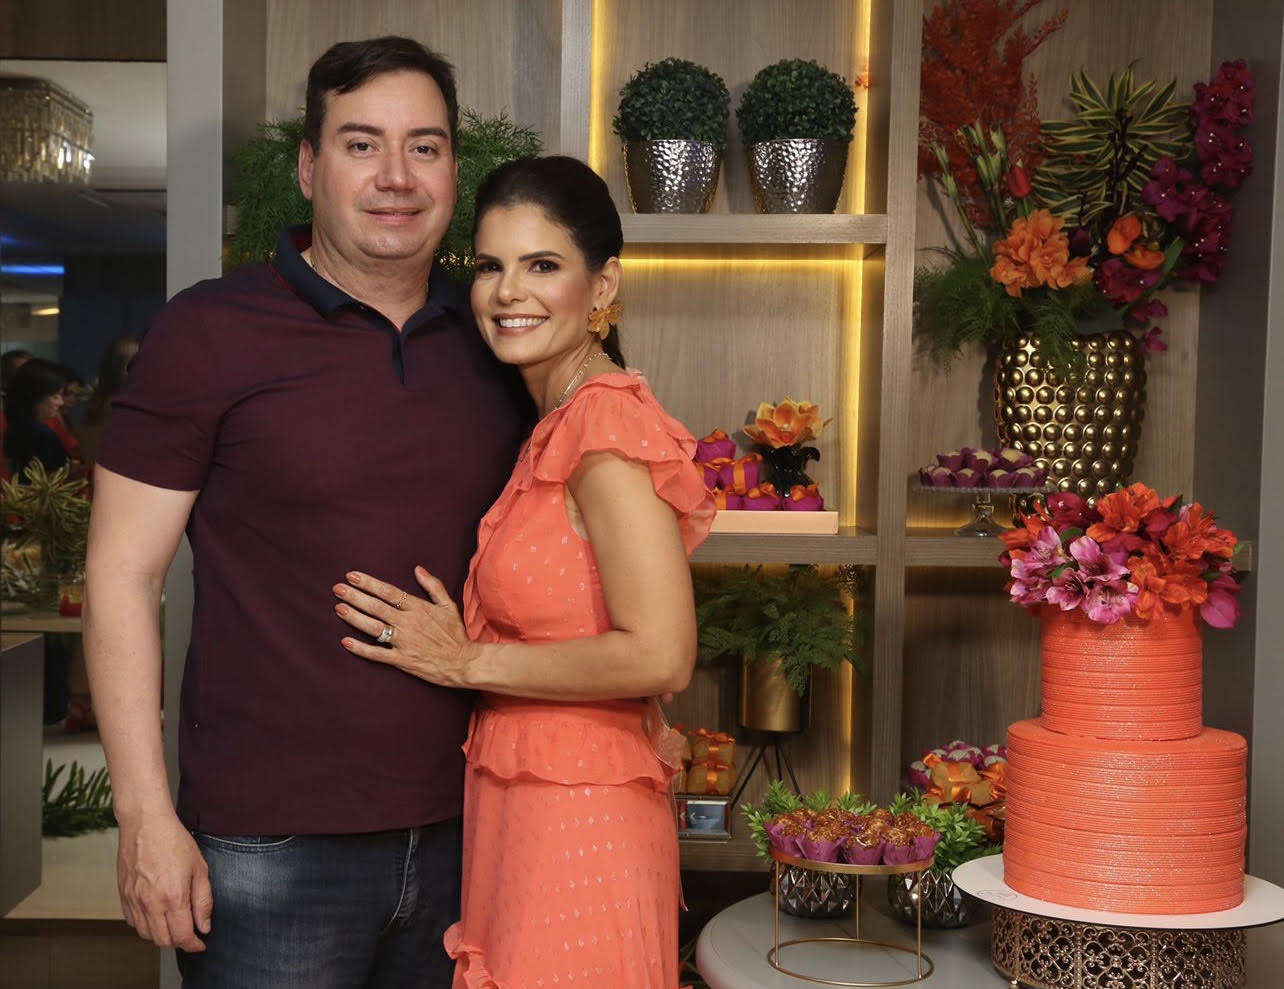 A elegante Luciana Ribeiro compartilhou os festejos do aniversário na noite de quinta passada, com o maridão Marco Aurélio Ribeiro.